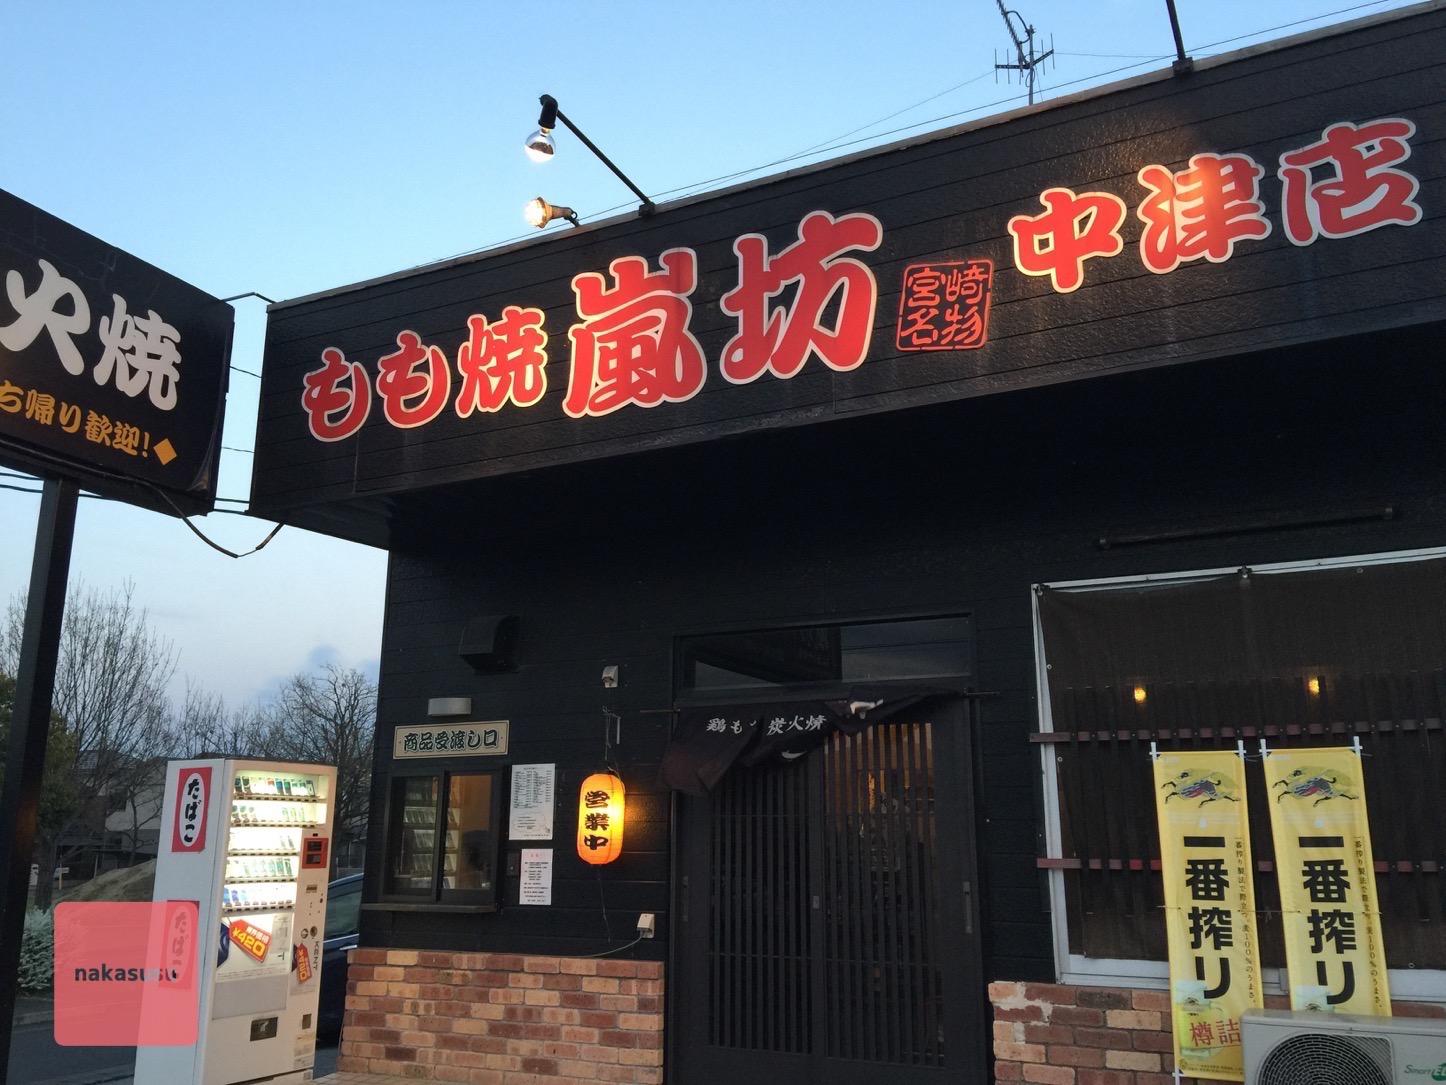 お持ち帰りしよう!宮崎名物炭火焼地鶏専門店「嵐坊」のすすめ